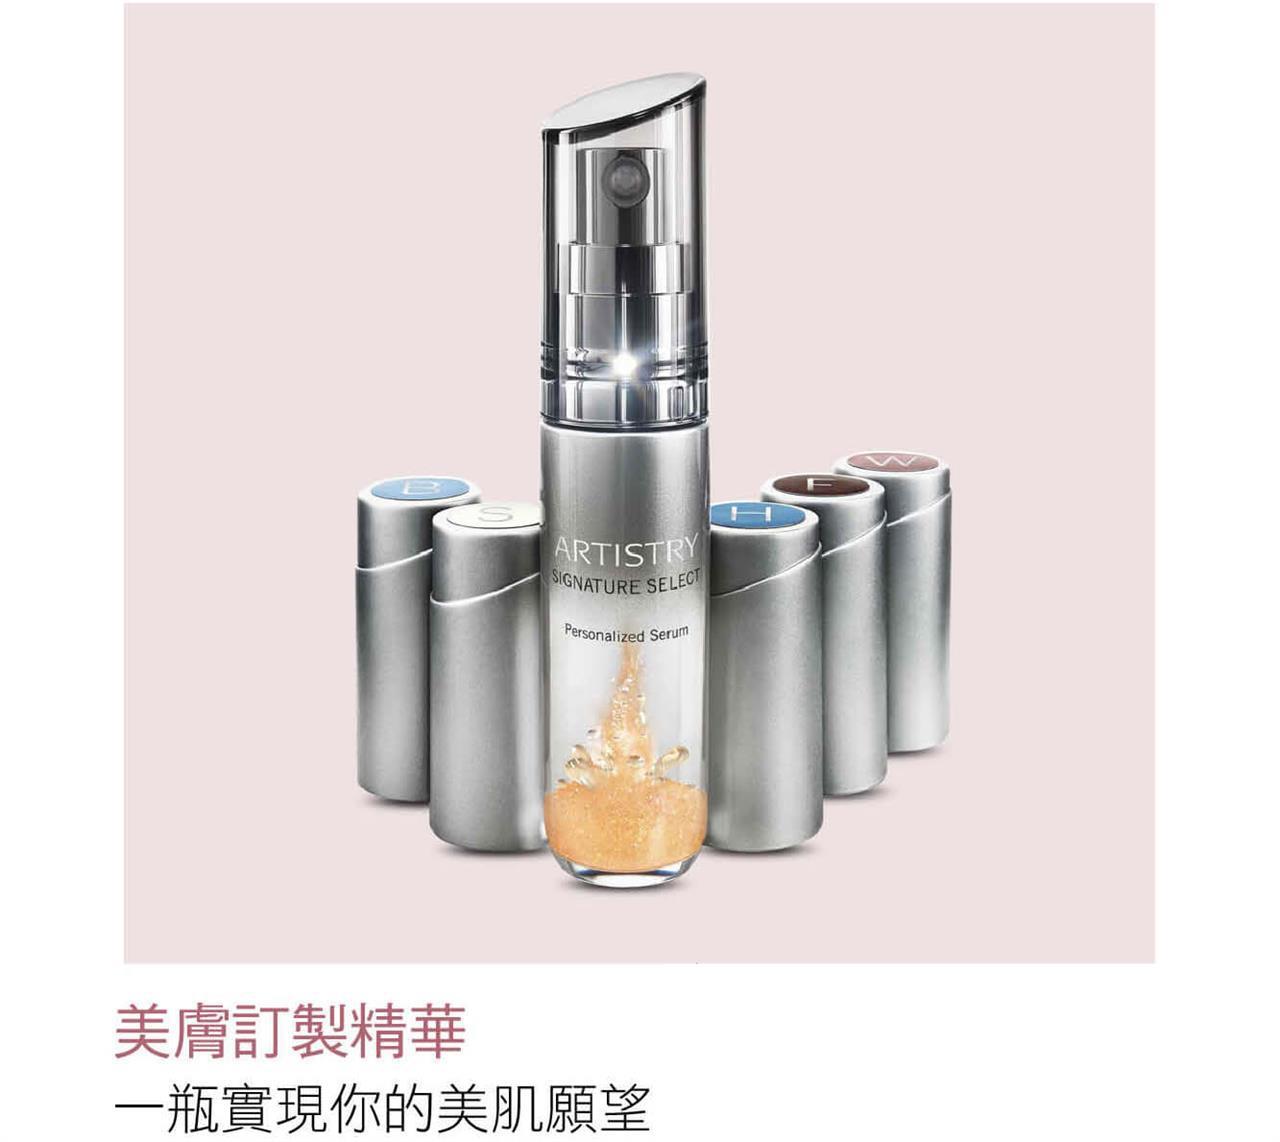 美膚訂製精華 一瓶實現你的美肌願望 2019年4月上市